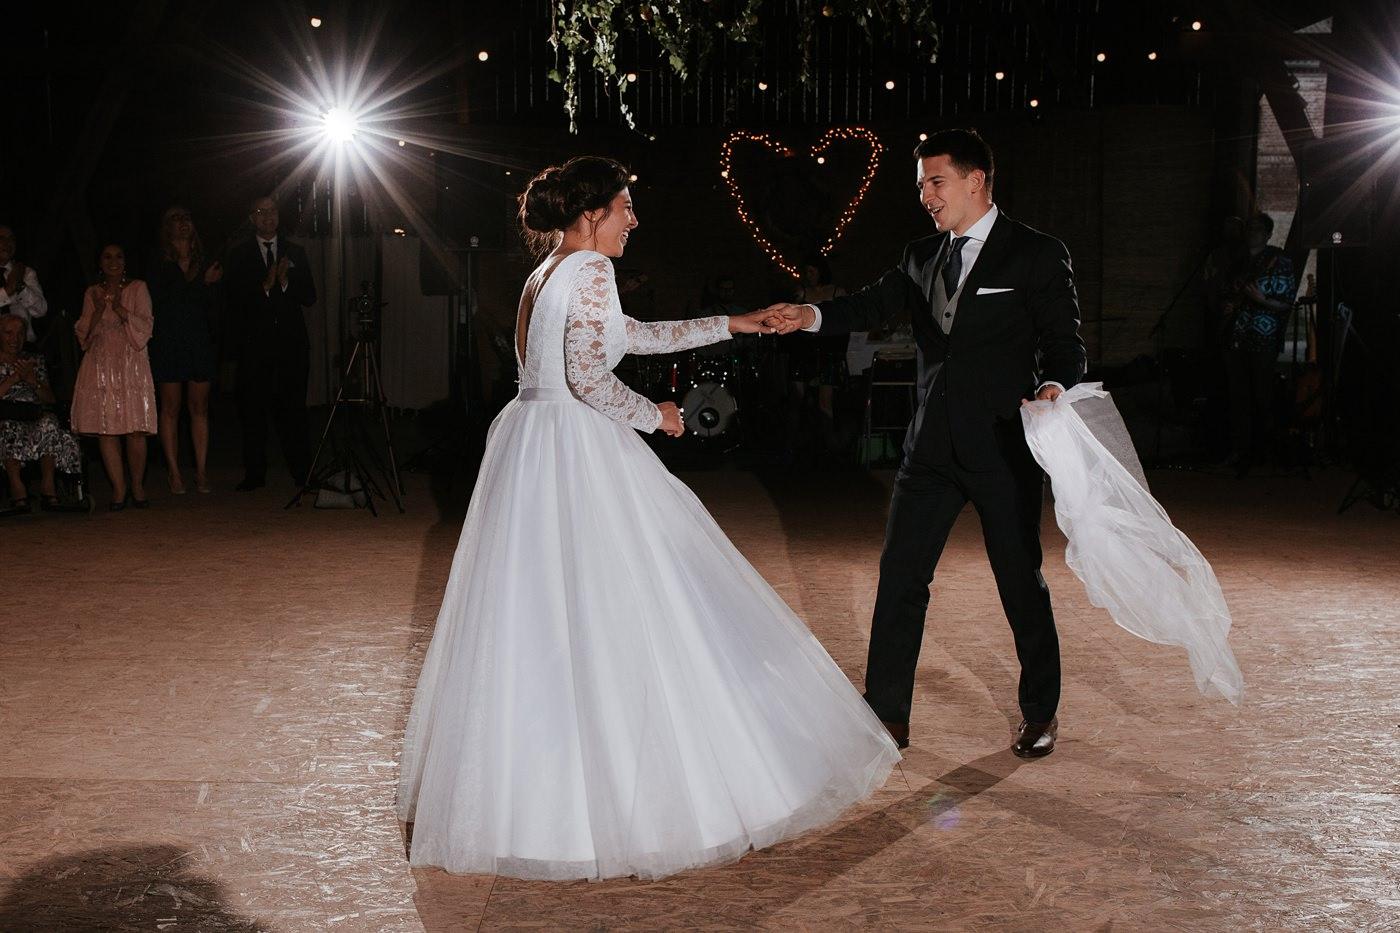 Dominika & Aleksander - Rustykalne wesele w stodole - Baborówko 108